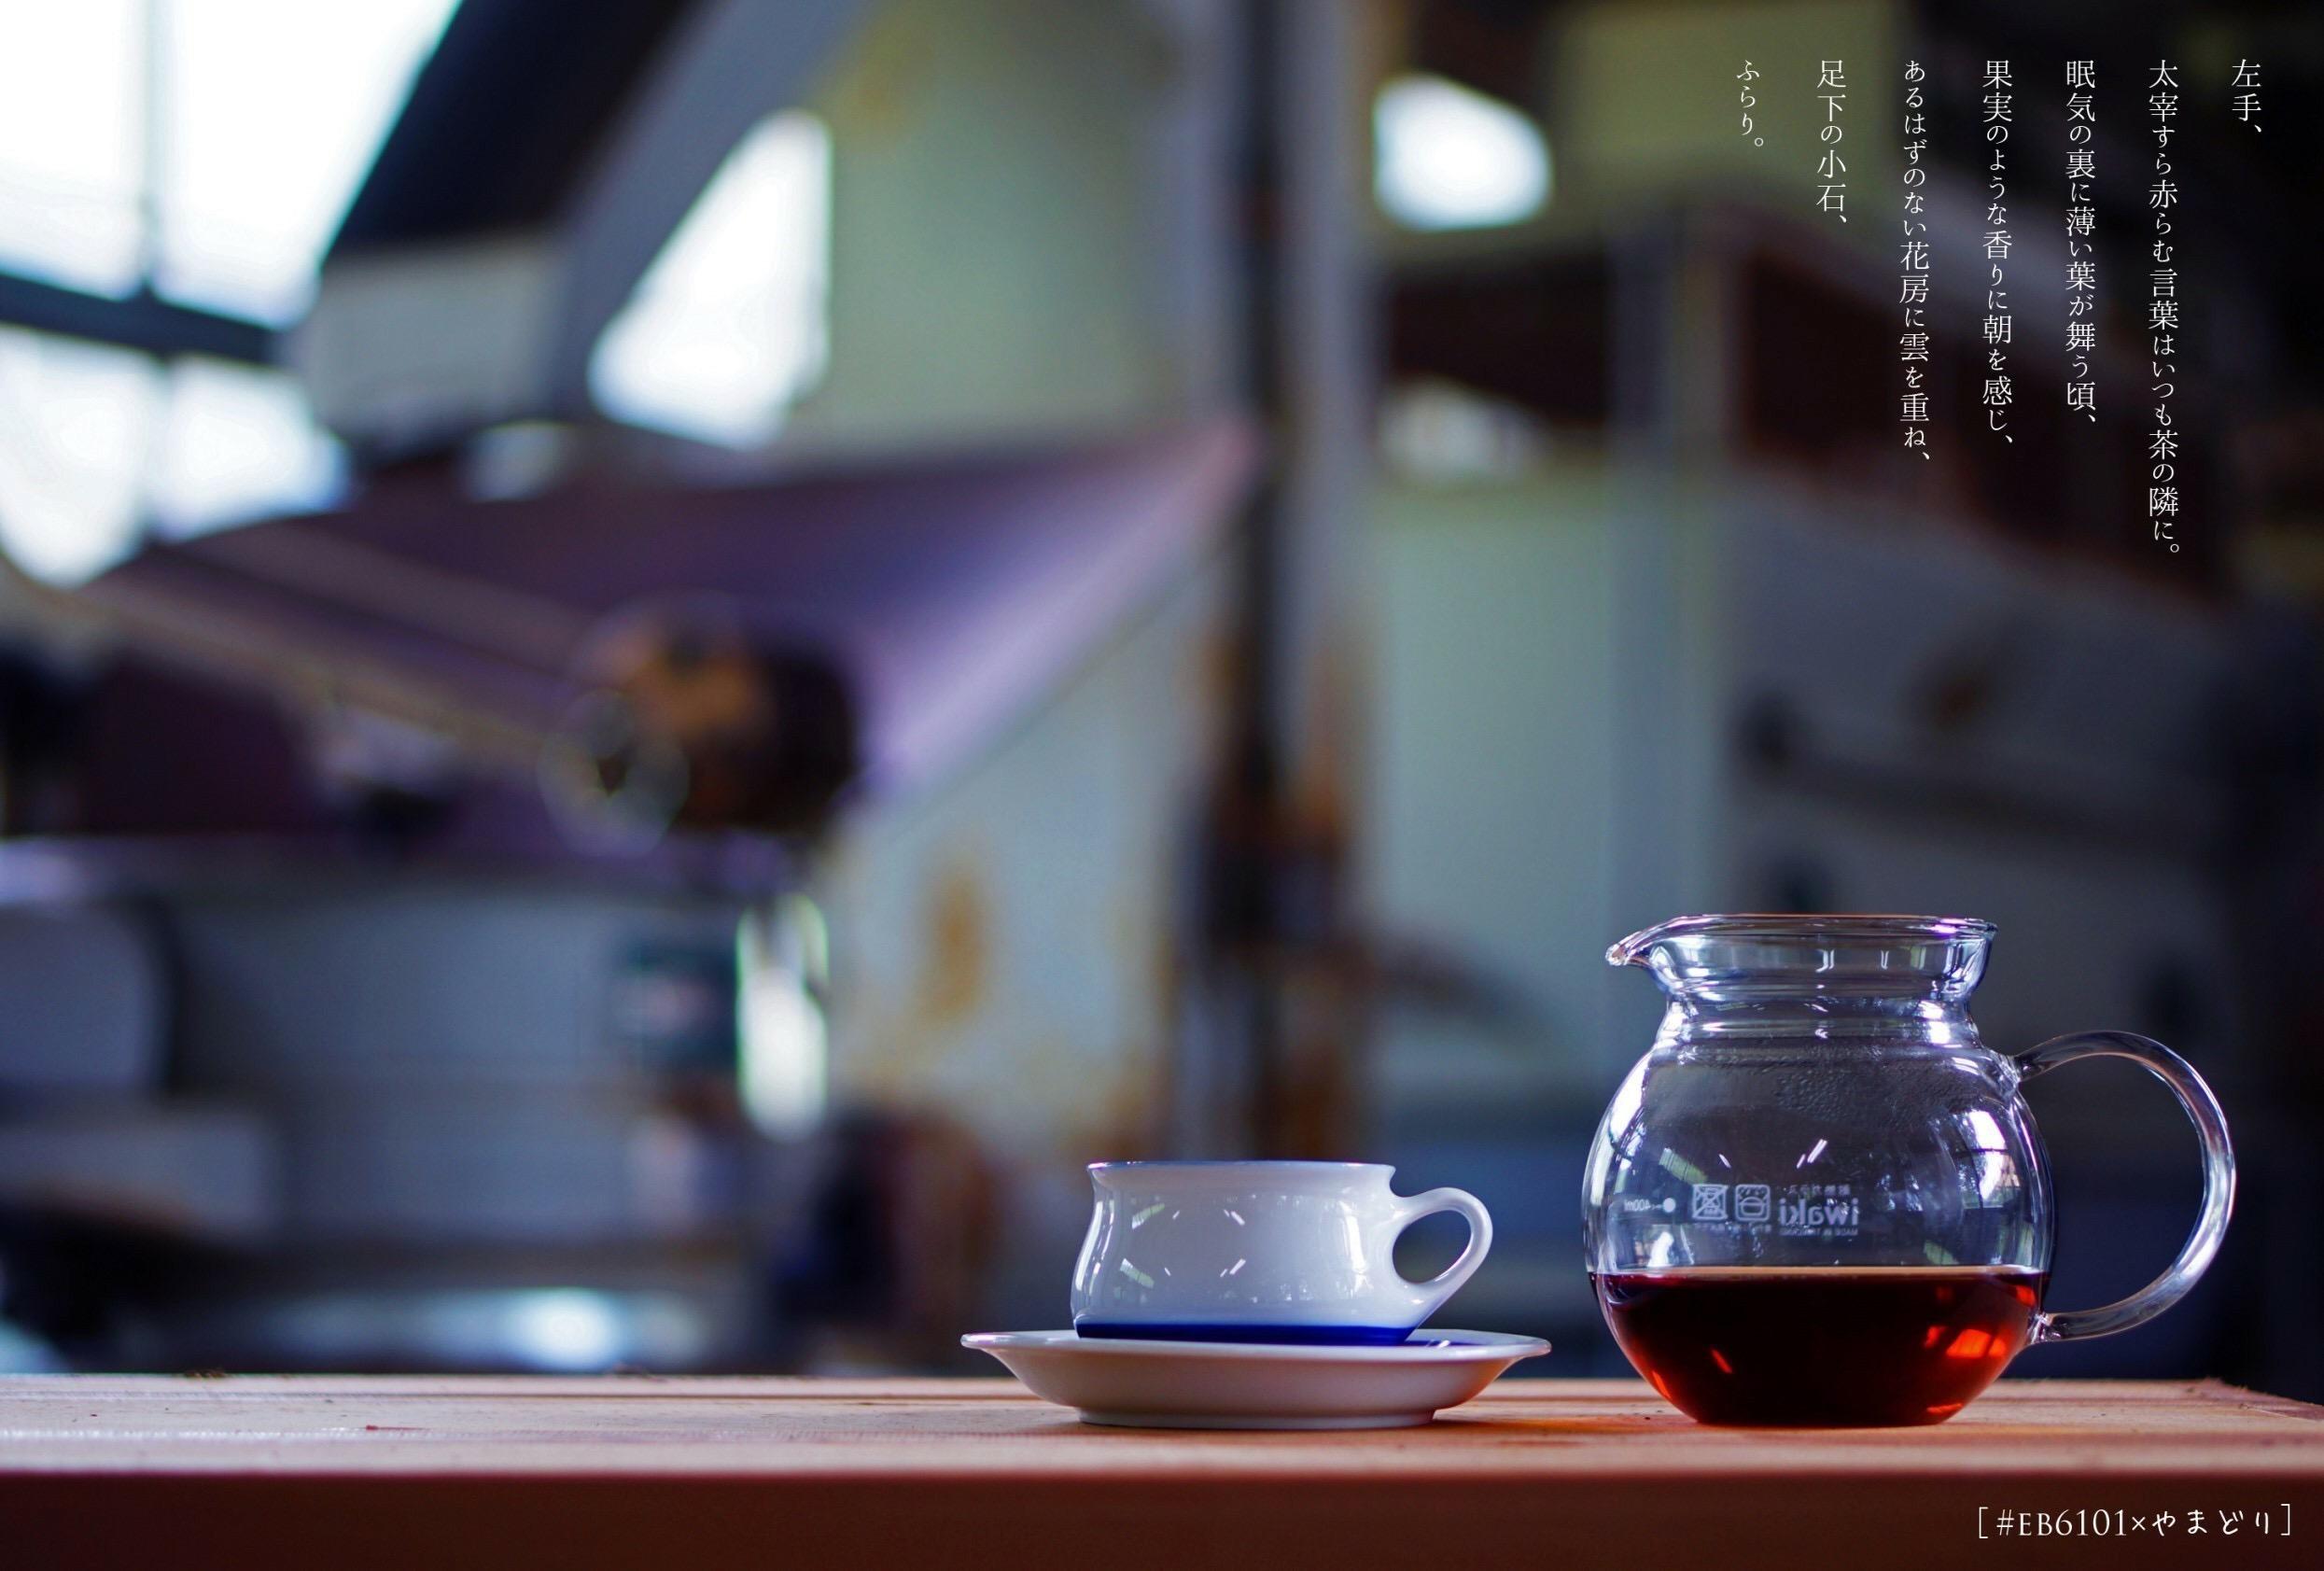 高熊紅茶 お徳セット